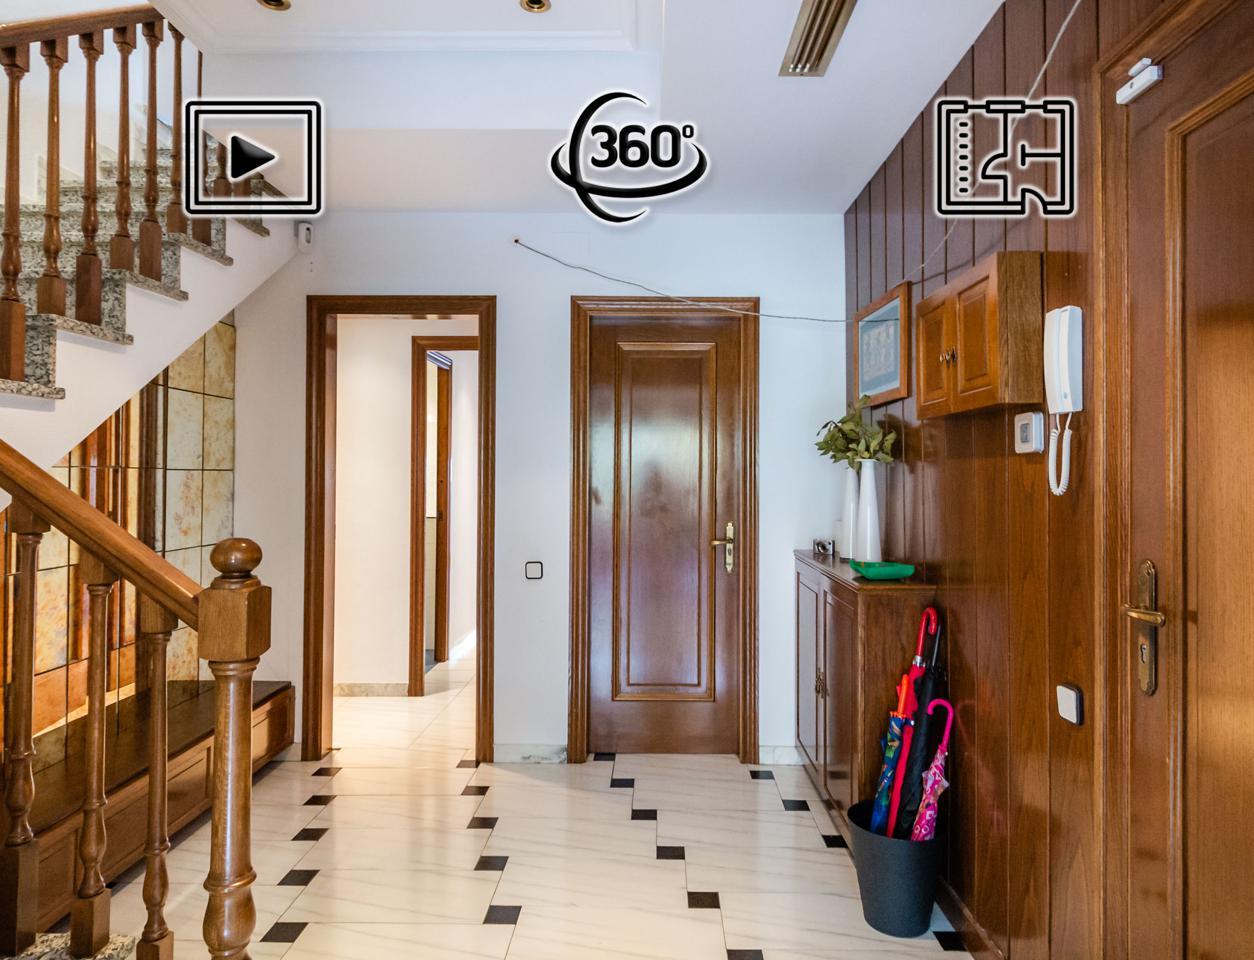 villa en mollet-del-valles · carrer-de-berenguer-iii-37-08100 410000€